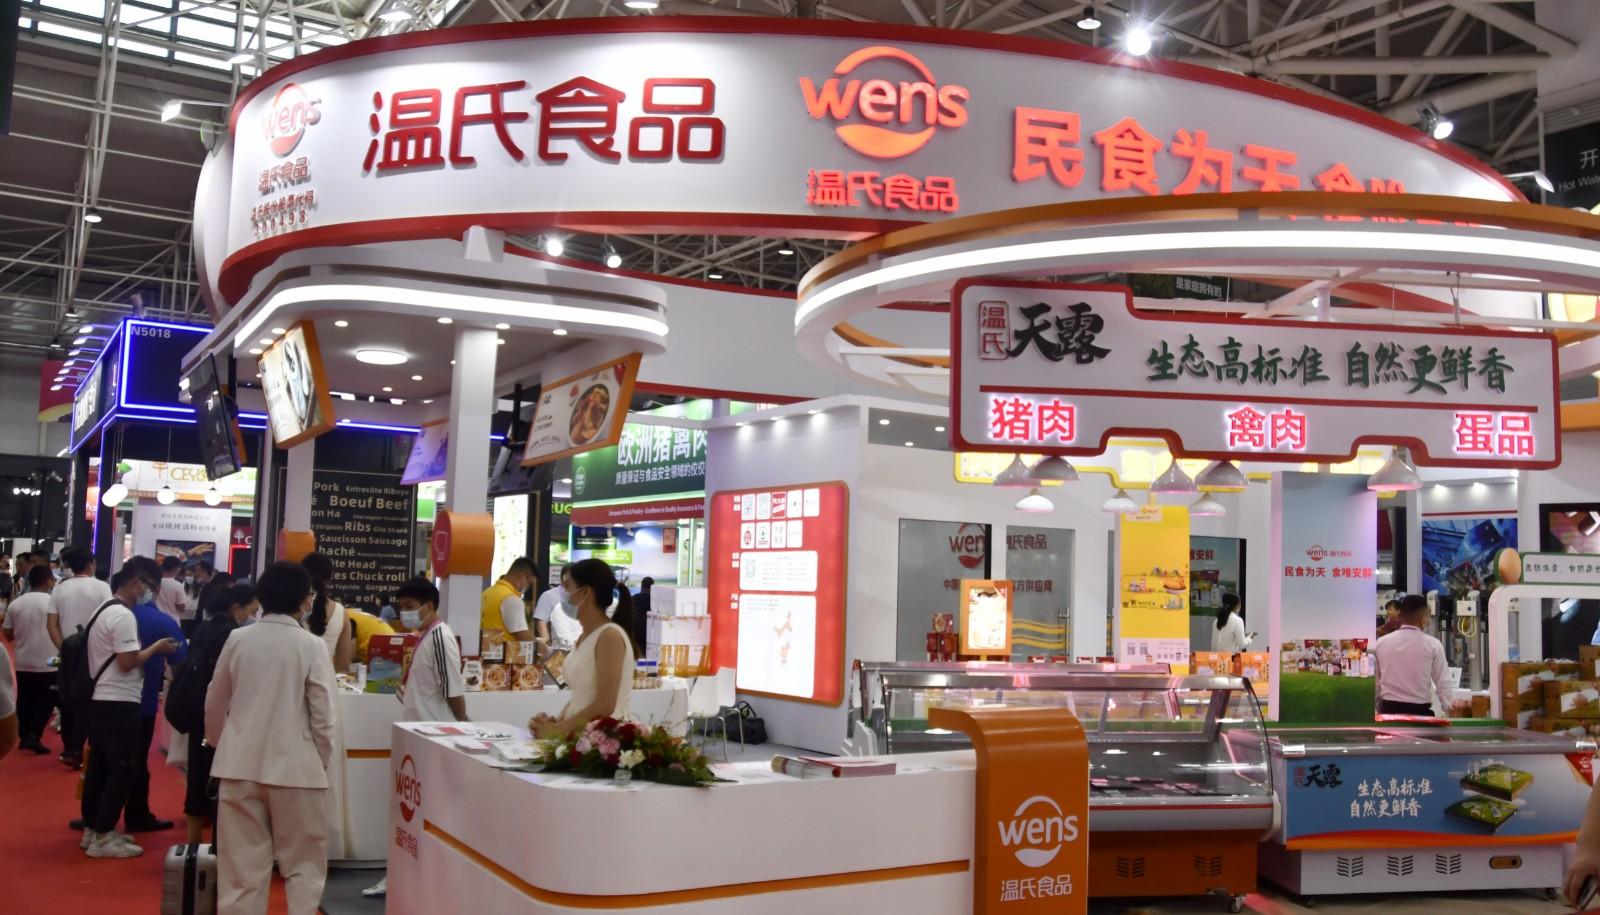 6.国内的肉类企业在展会上展示自己的产品。.jpg